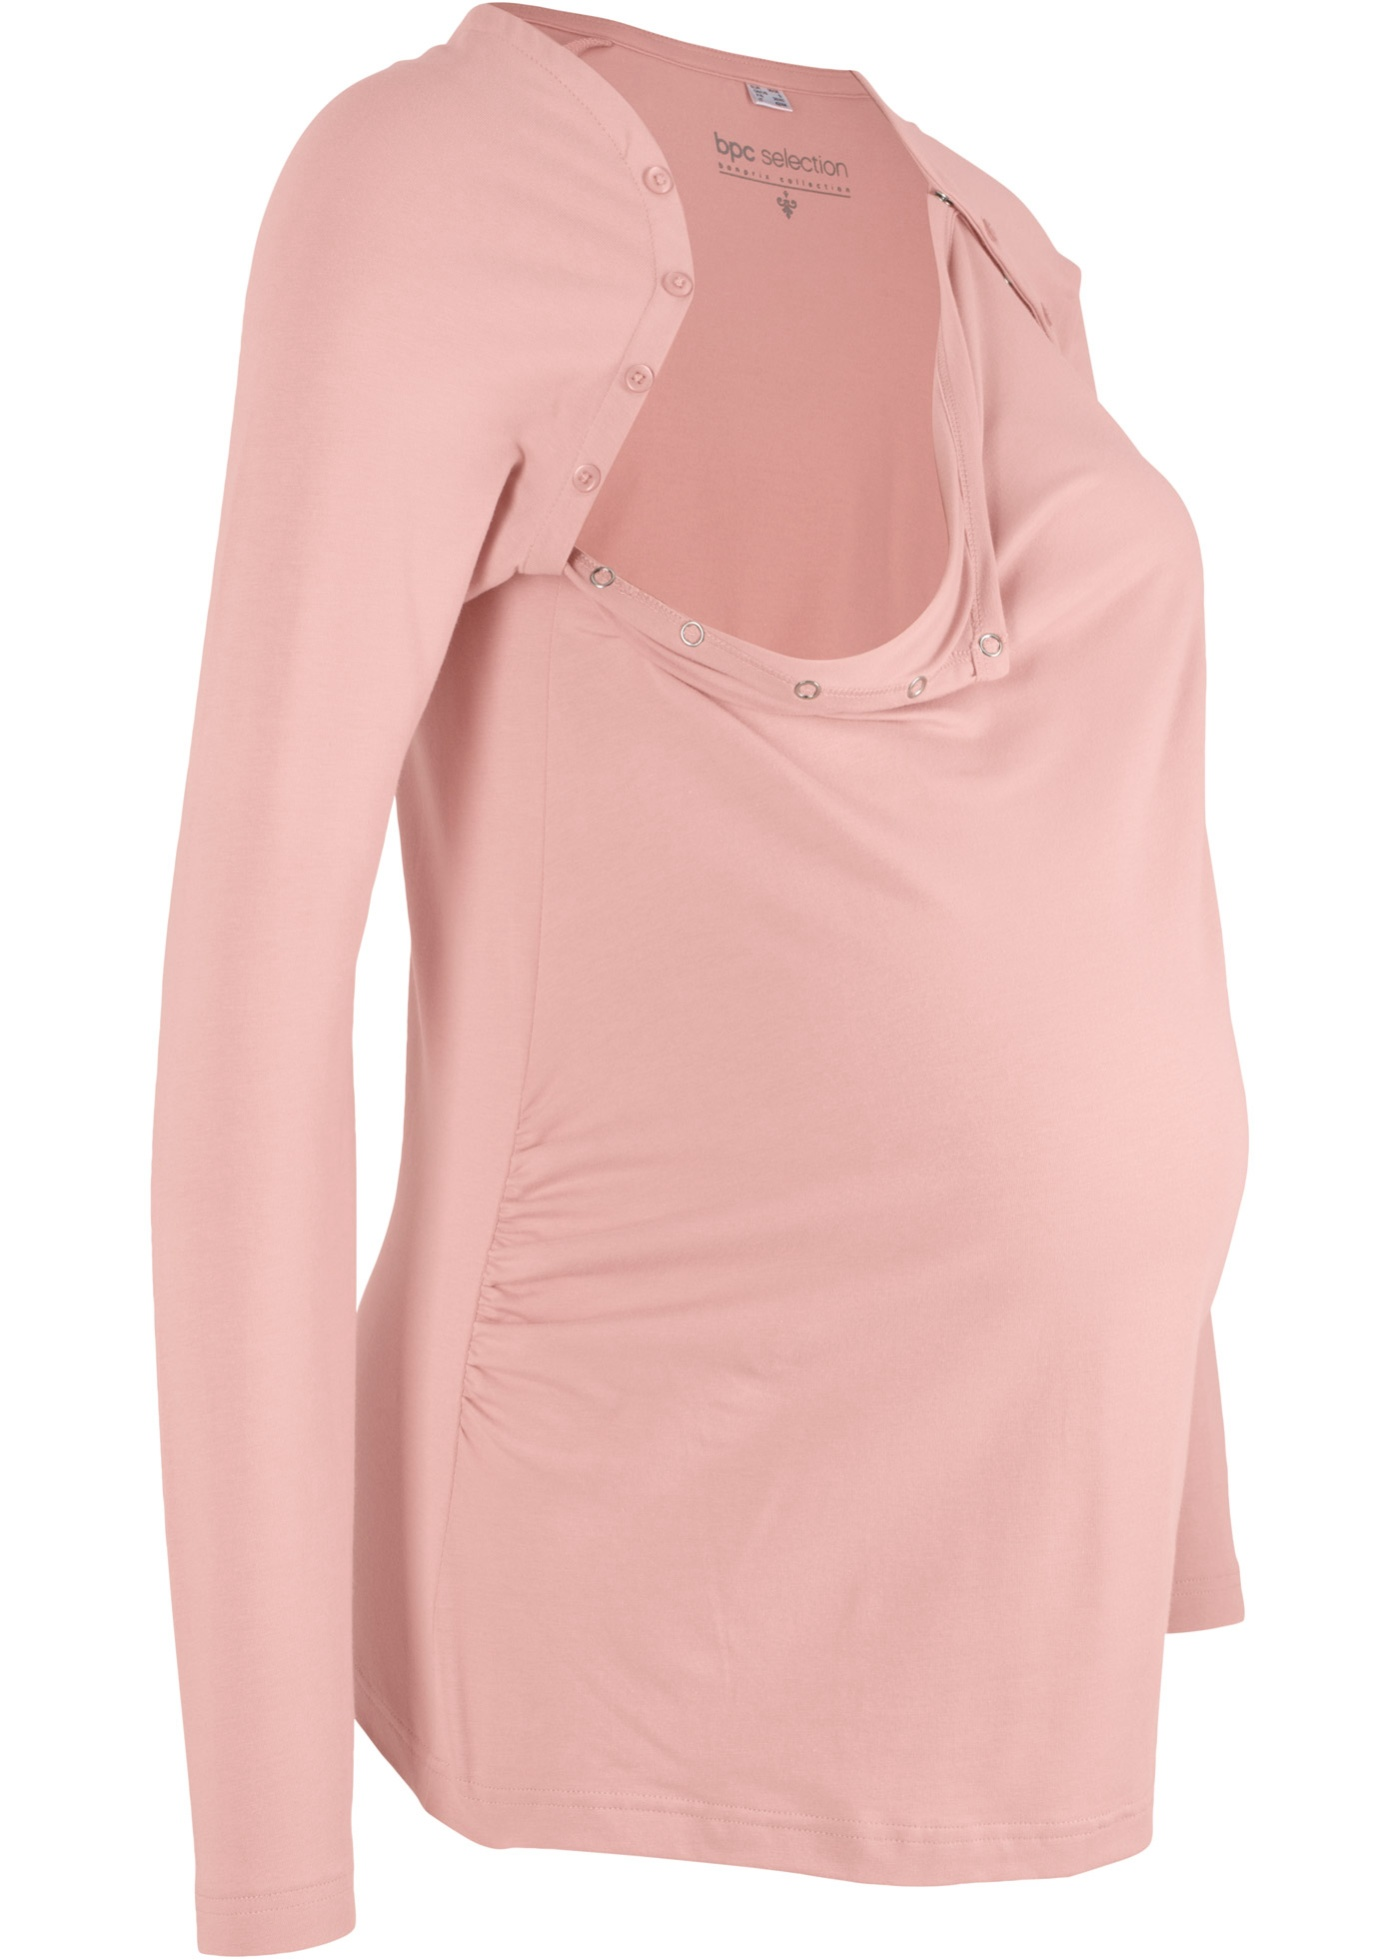 Těhotenské/kojicí triko - Růžová